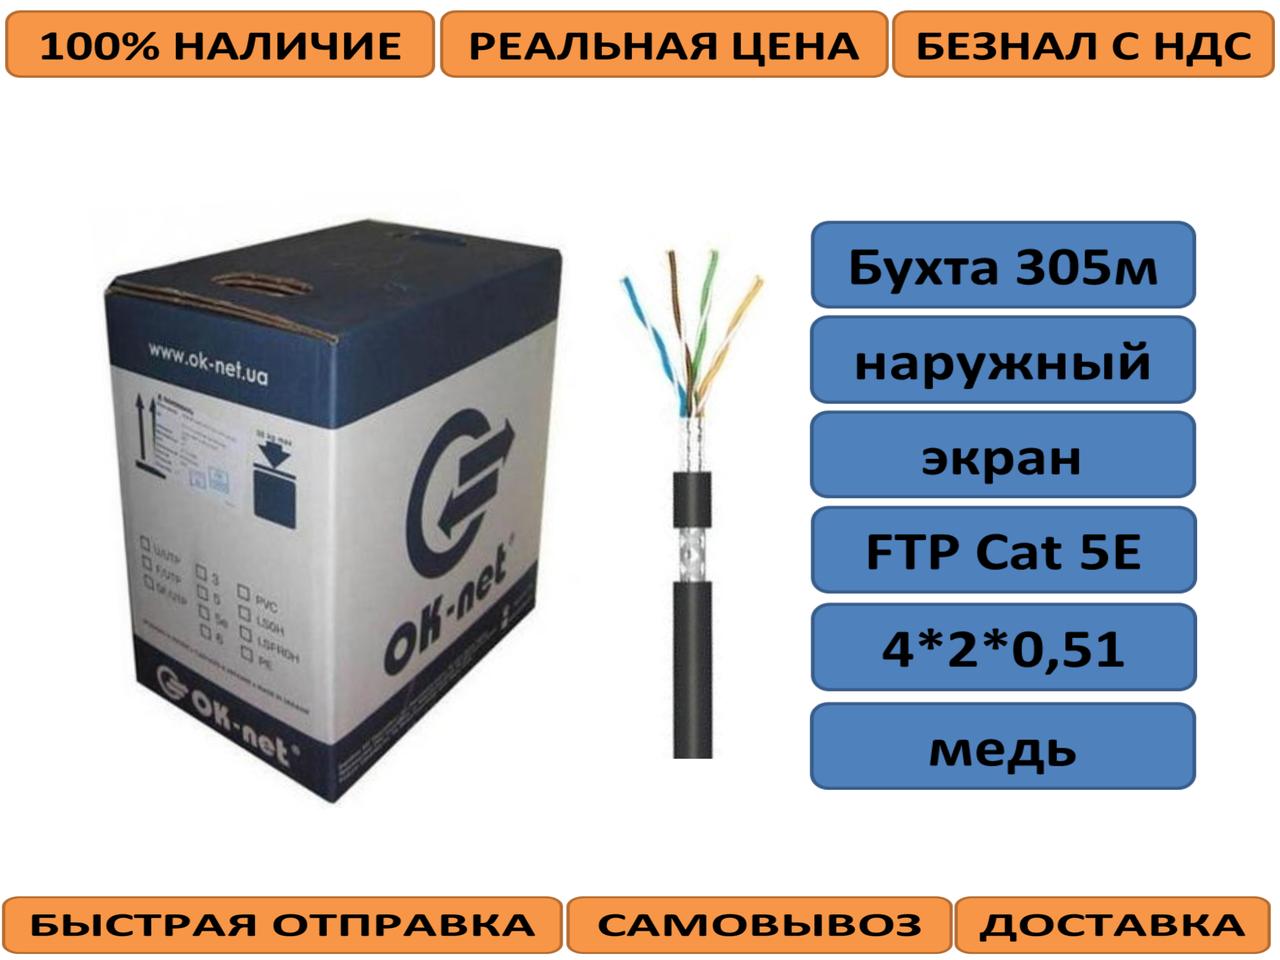 Кабель сетевой (витая пара) наружный экранированнный FTP OK-Net Одескабель (КППЭ-ВП (100) 4x2x0,51) бухта 305м